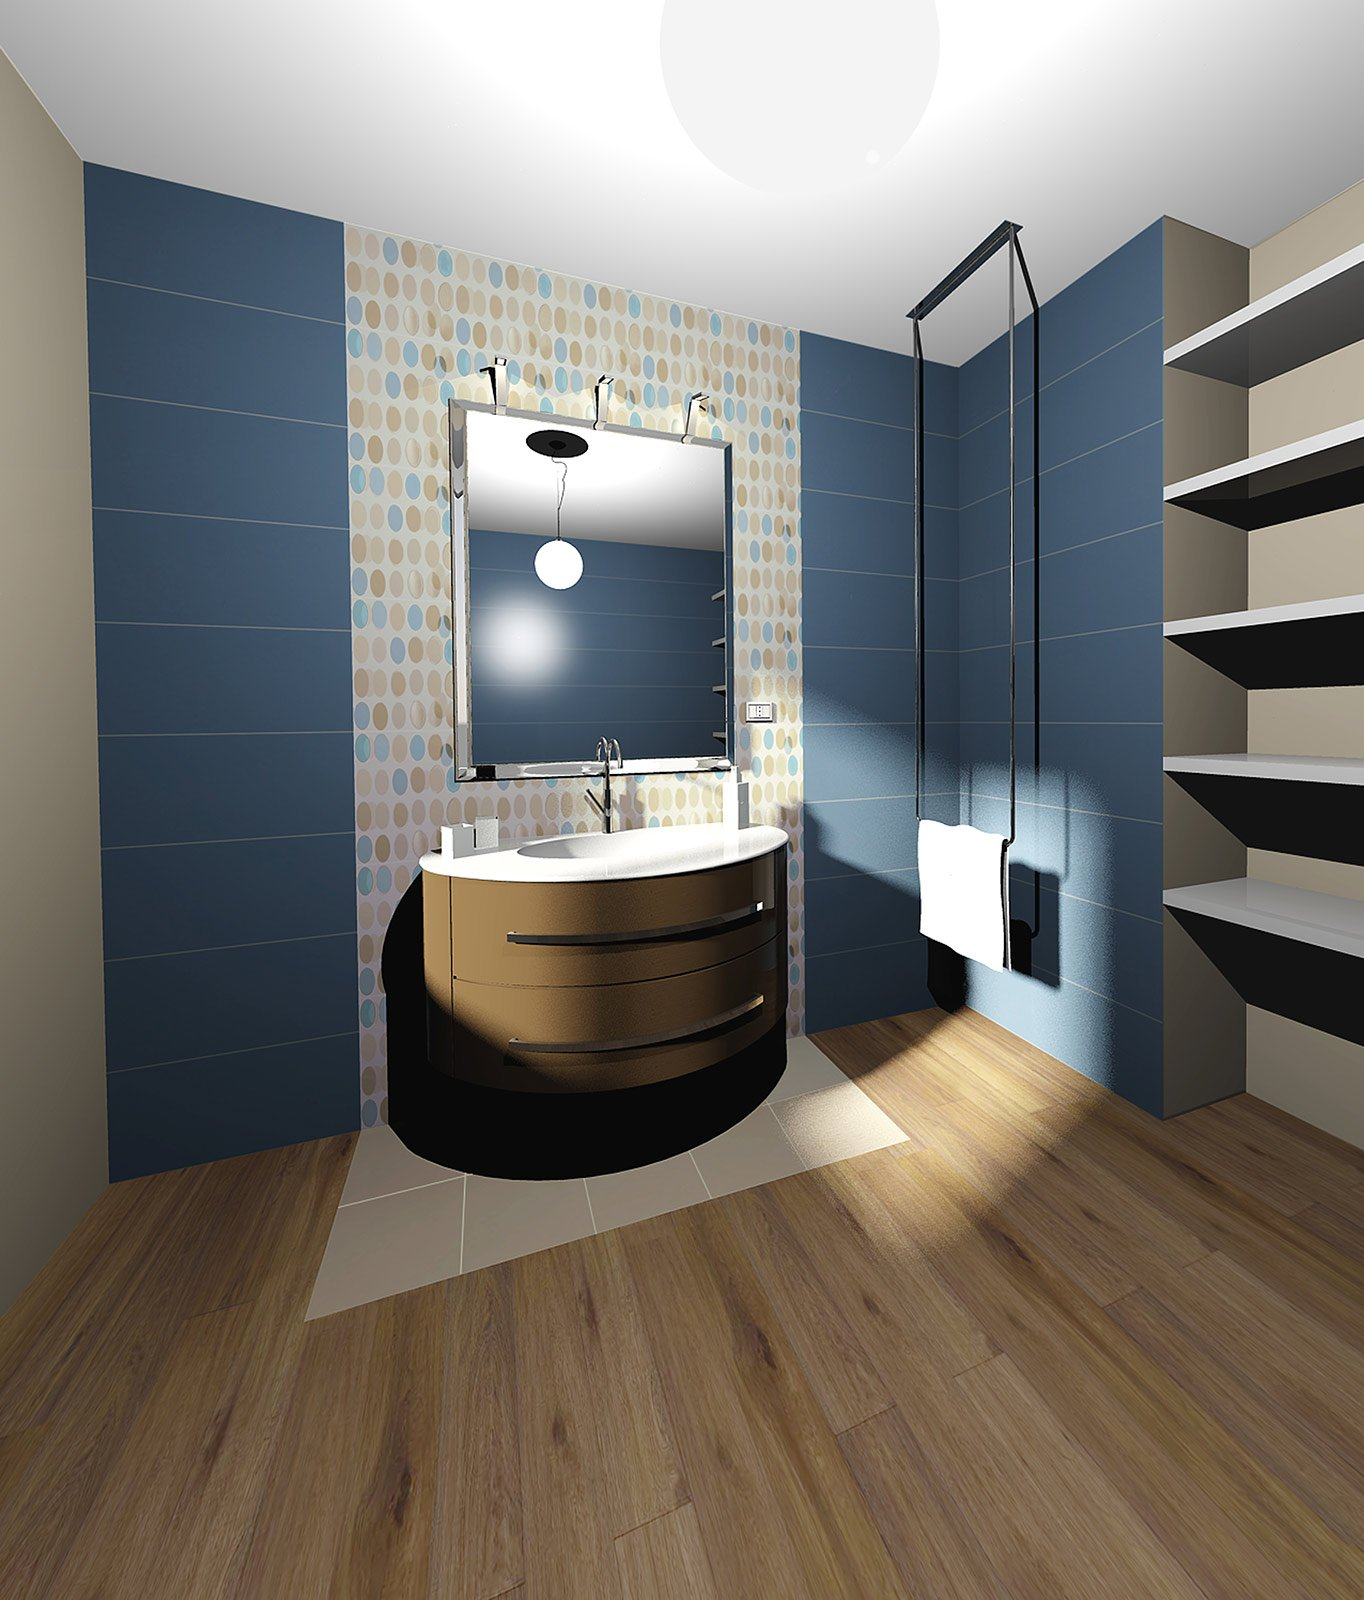 Scegliere i rivestimenti per pareti e pavimenti cose di casa - Colori piastrelle bagno ...